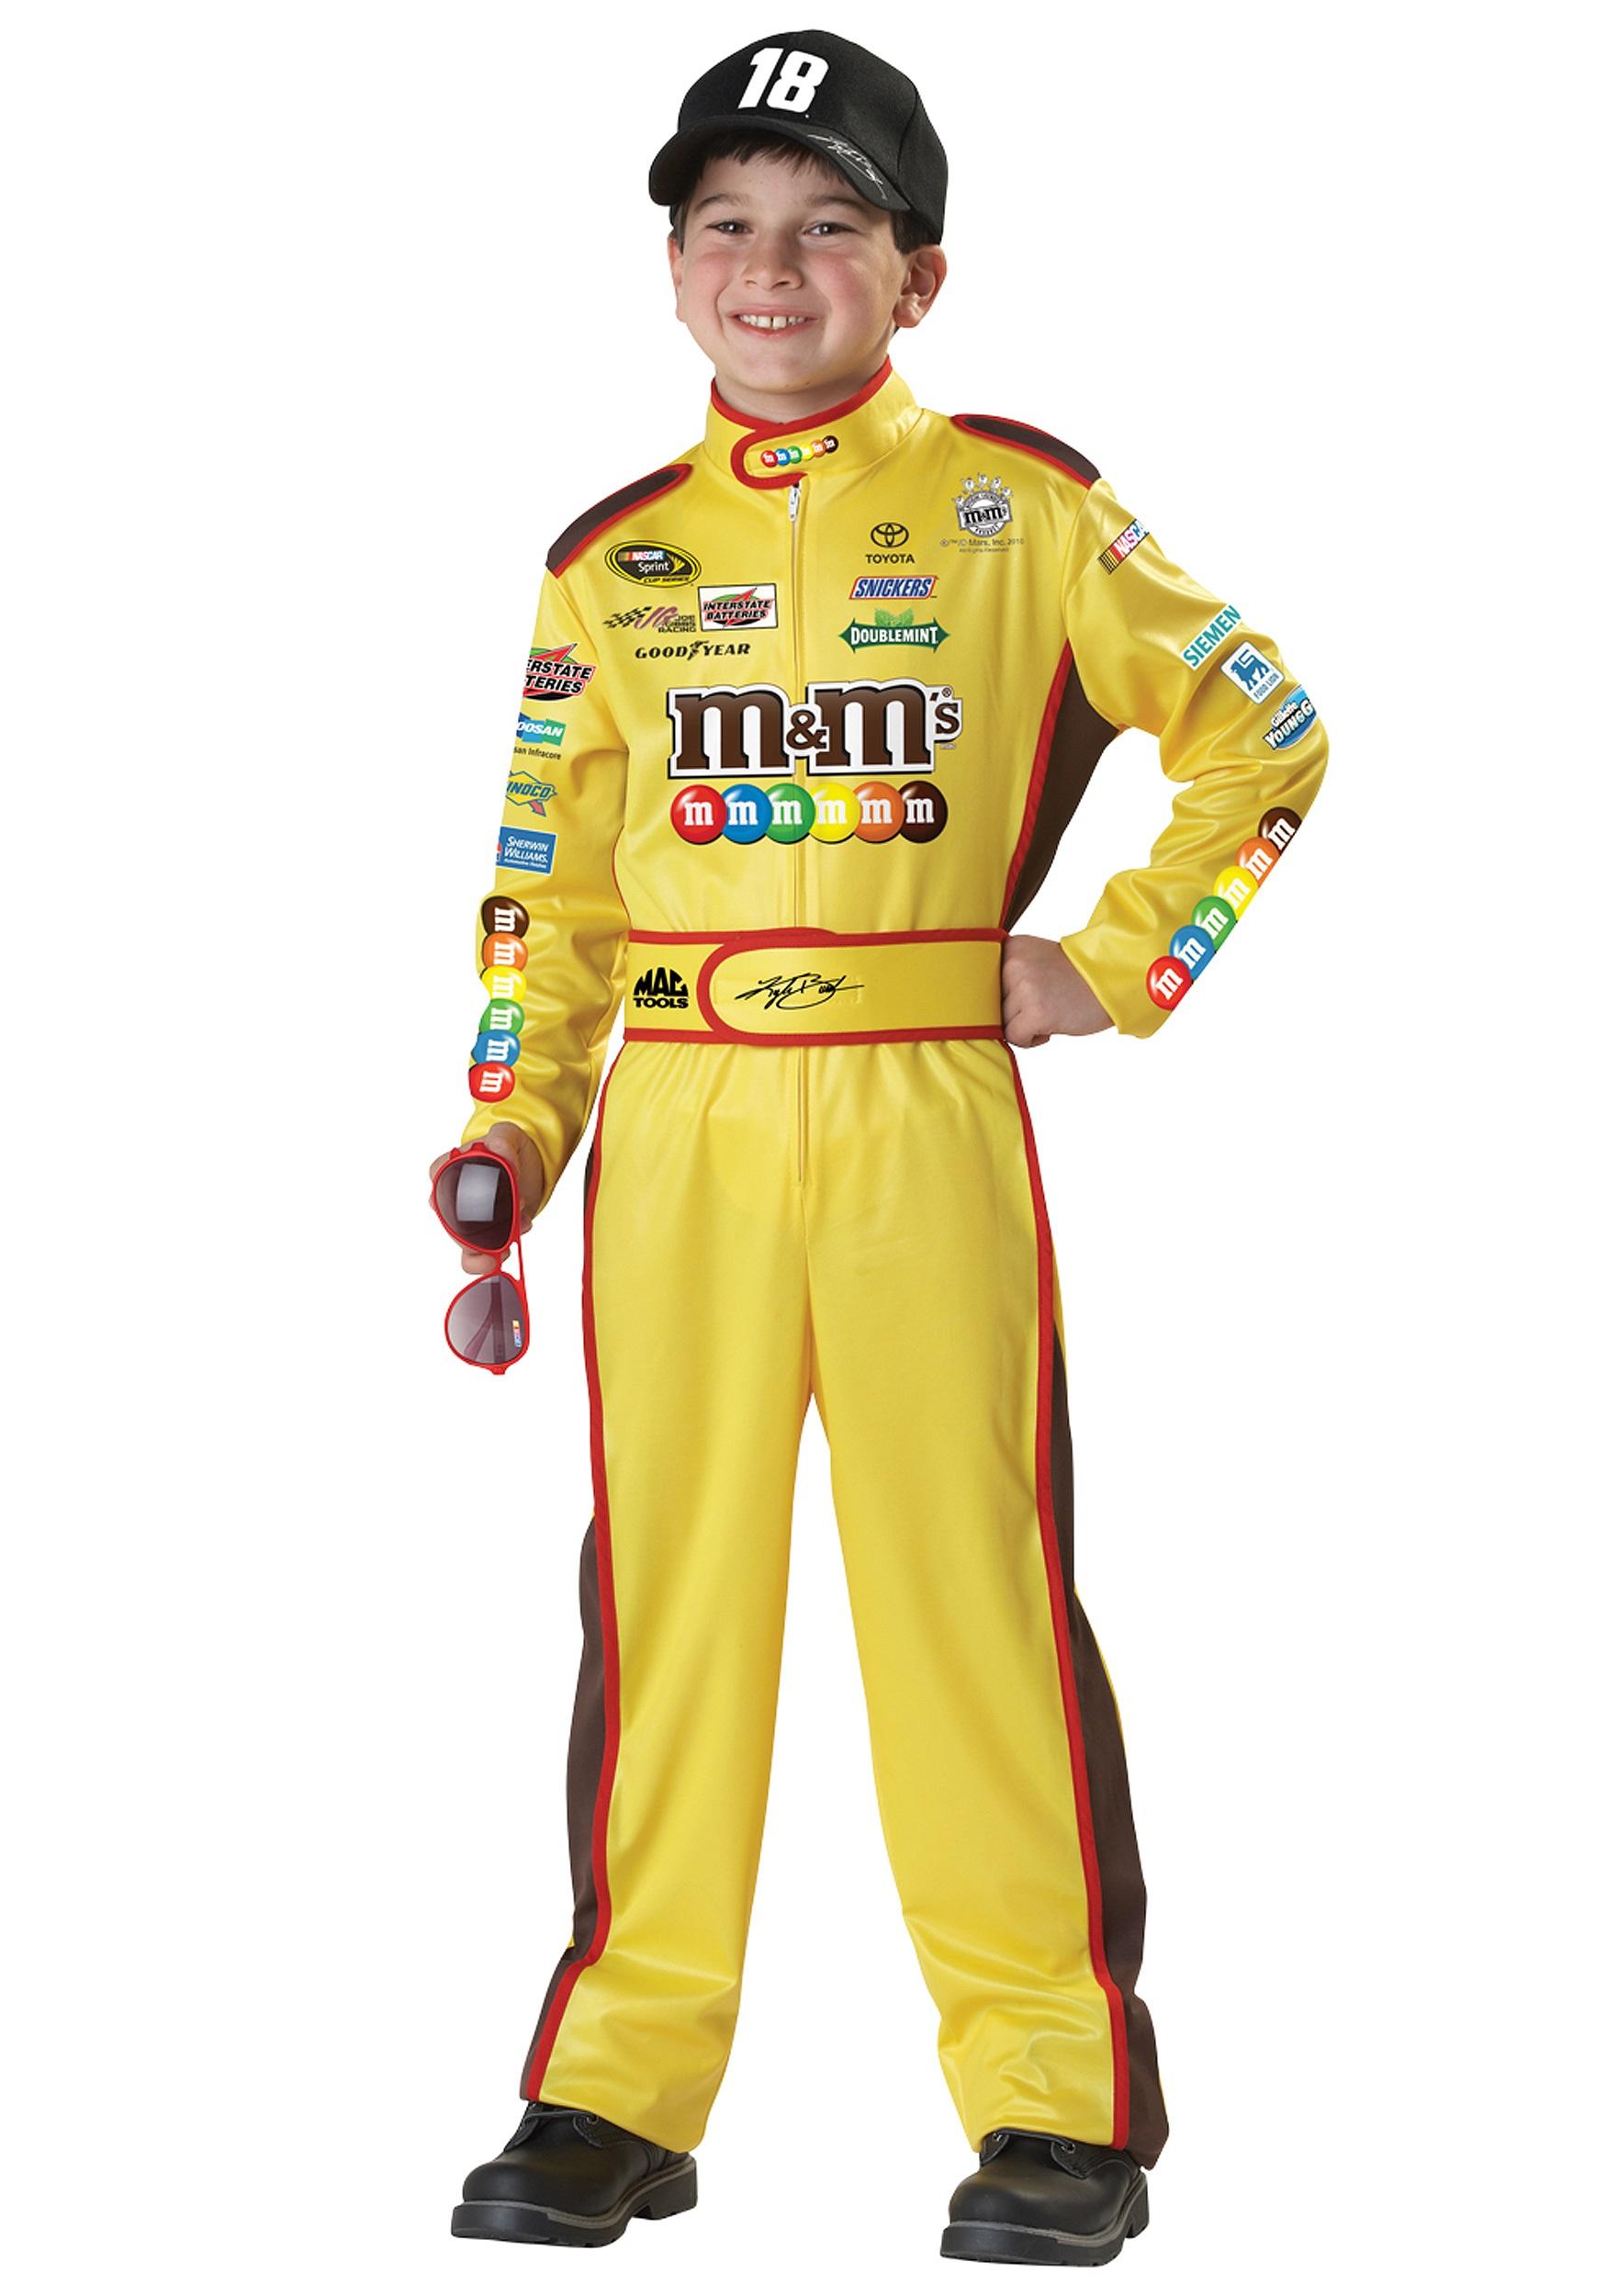 Child Kyle Busch Costume Halloween Costume Ideas 2021